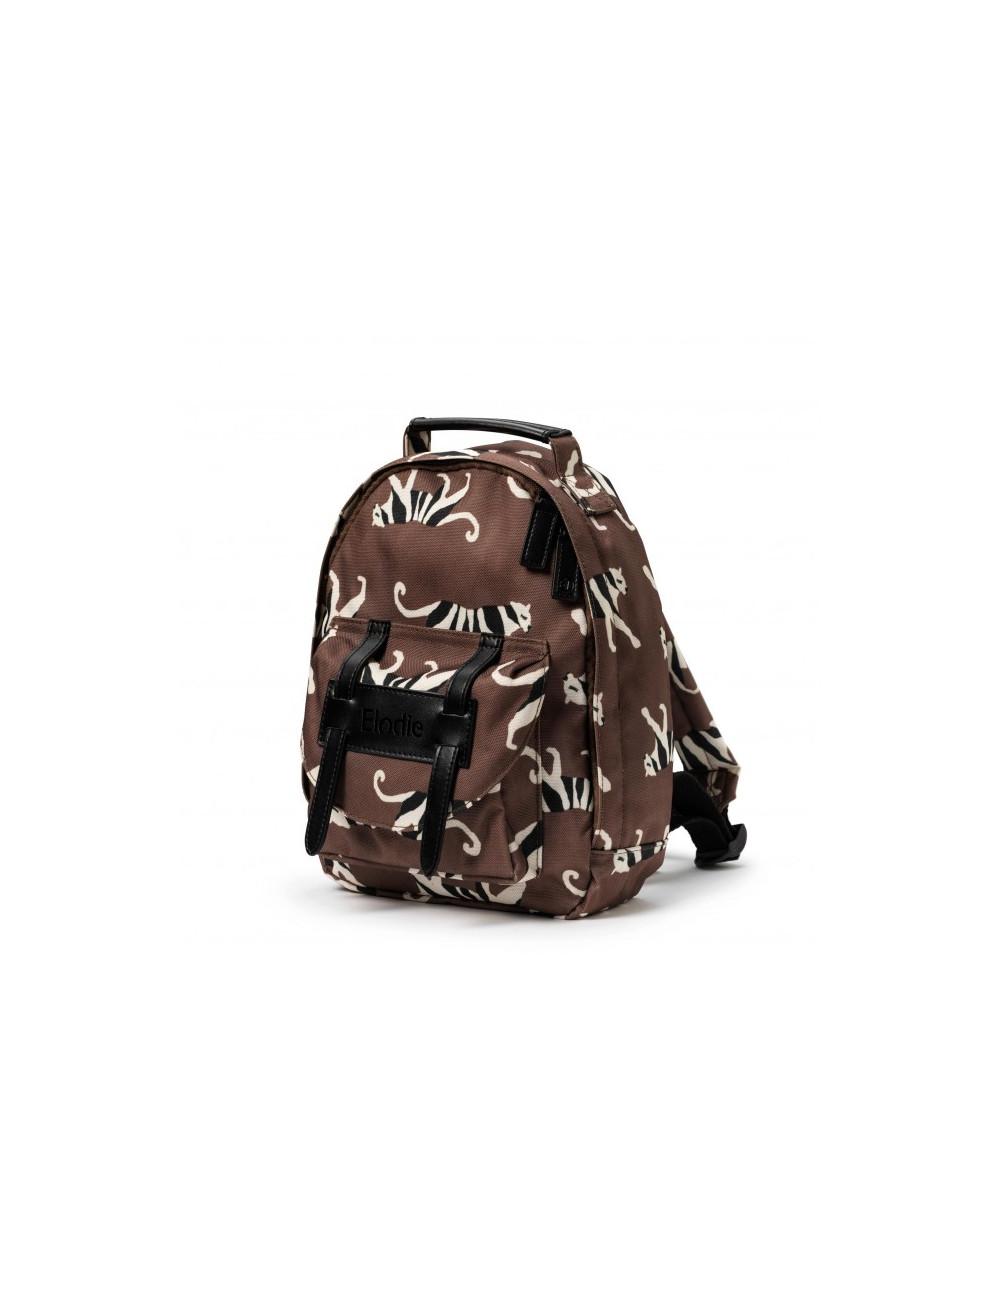 Rugzakje Backpack Mini |white tiger